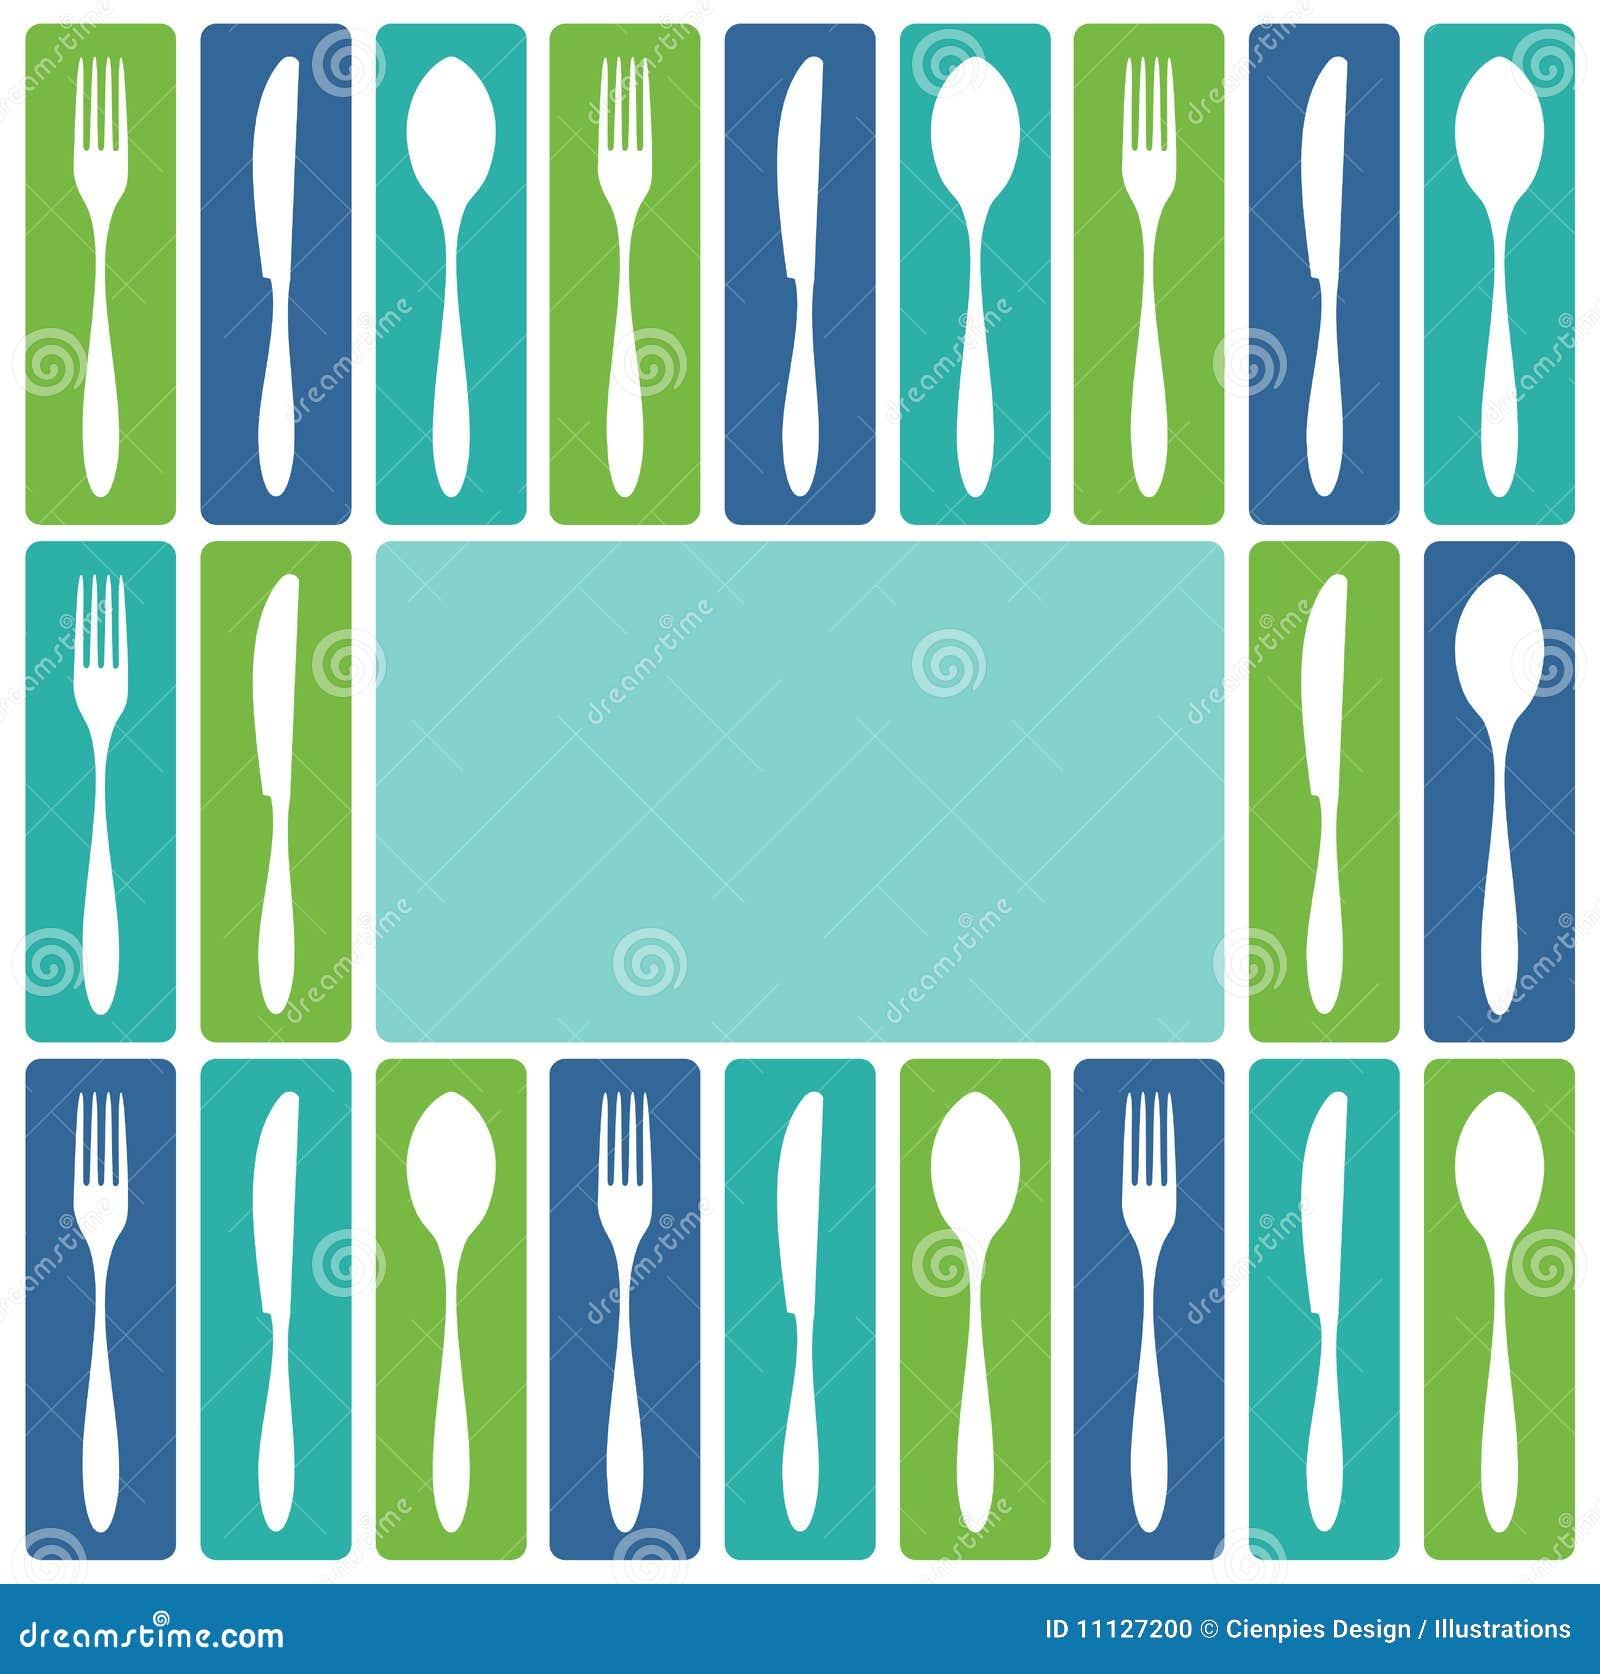 刀叉餐具框架